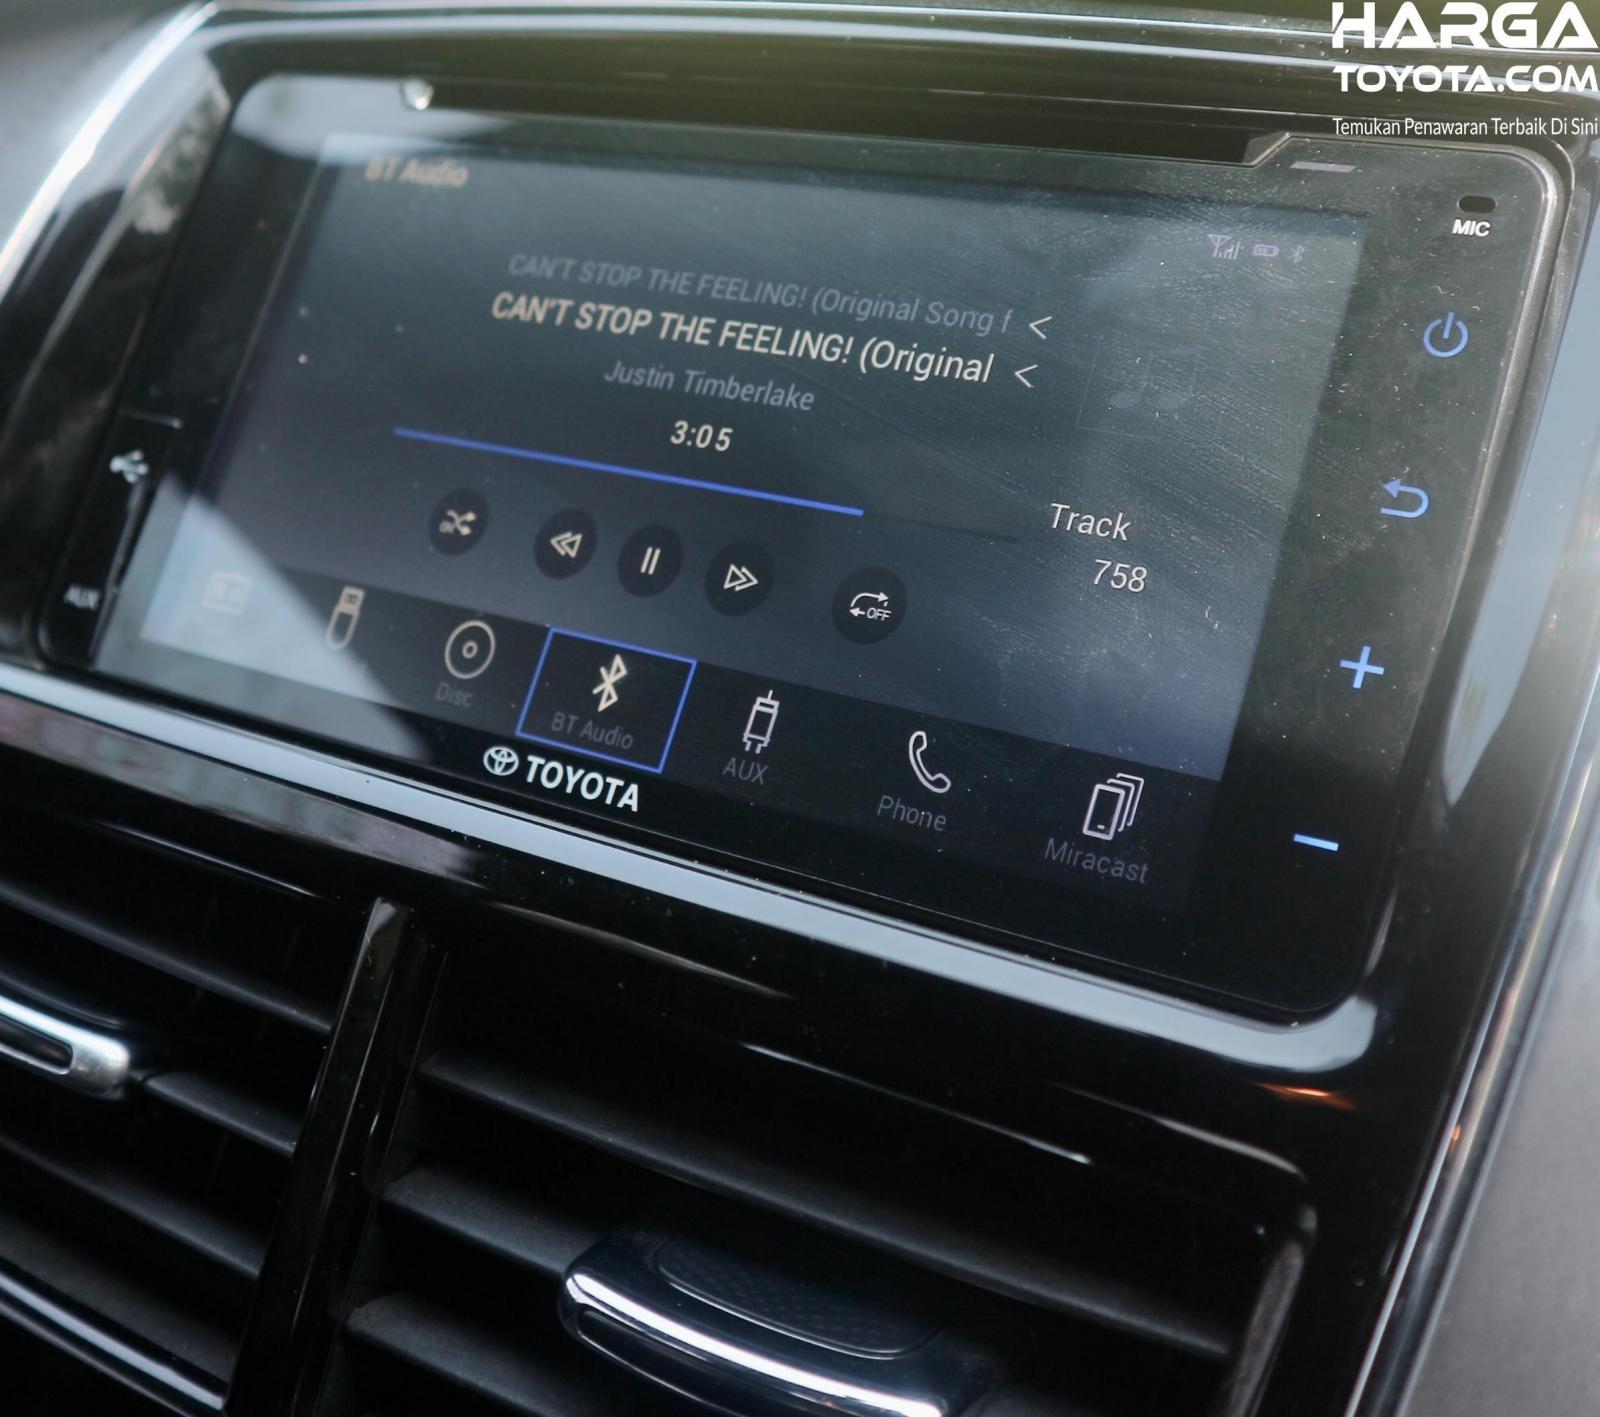 Kondisi Layar Touchscreen Toyota Yaris yang masih terdapat sidik jari